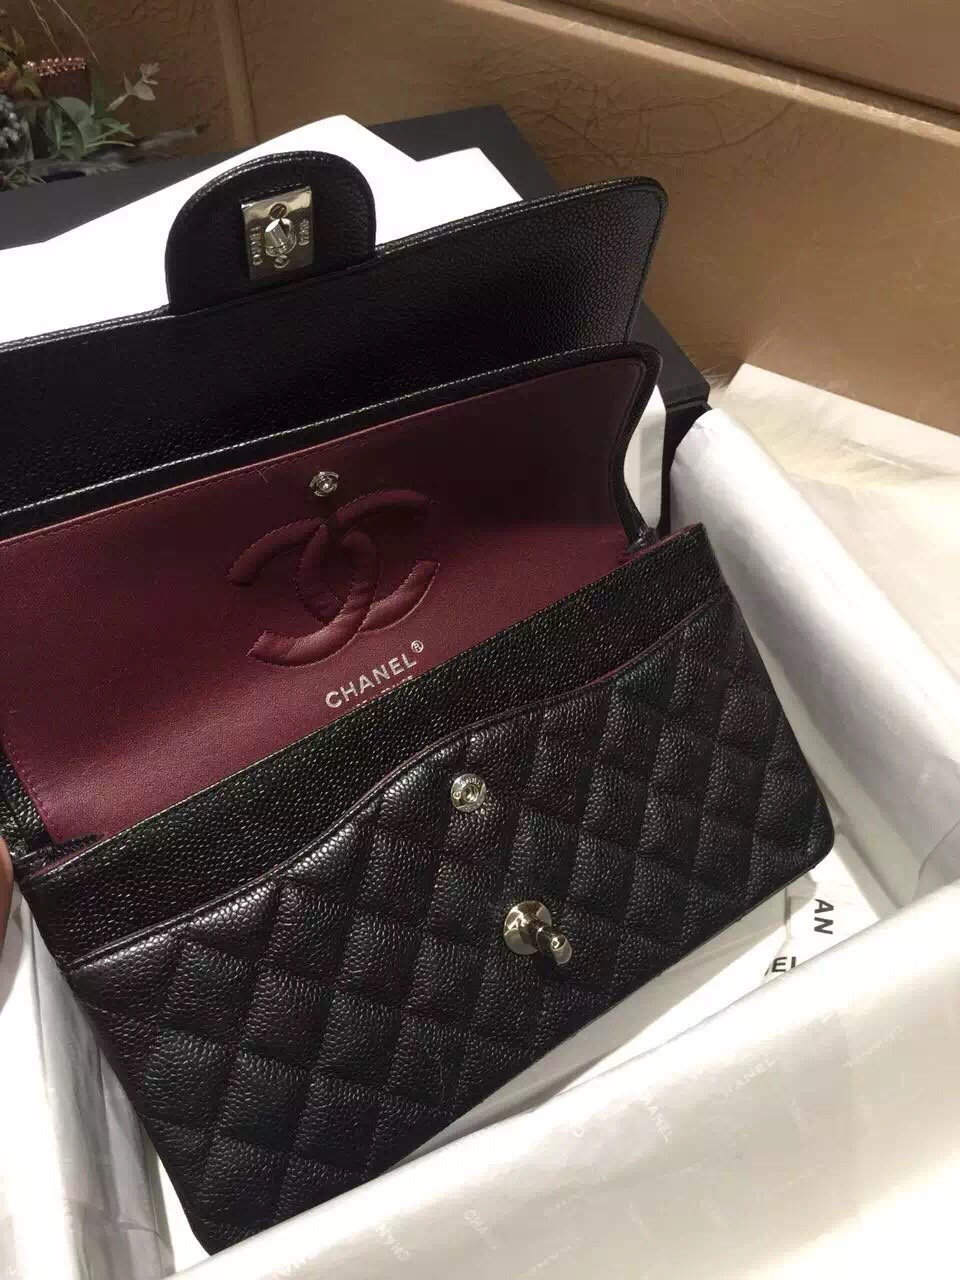 Chanel 香奈儿 Classic Flap 代购版本 25cm 进口小鱼籽酱 黑色 银扣